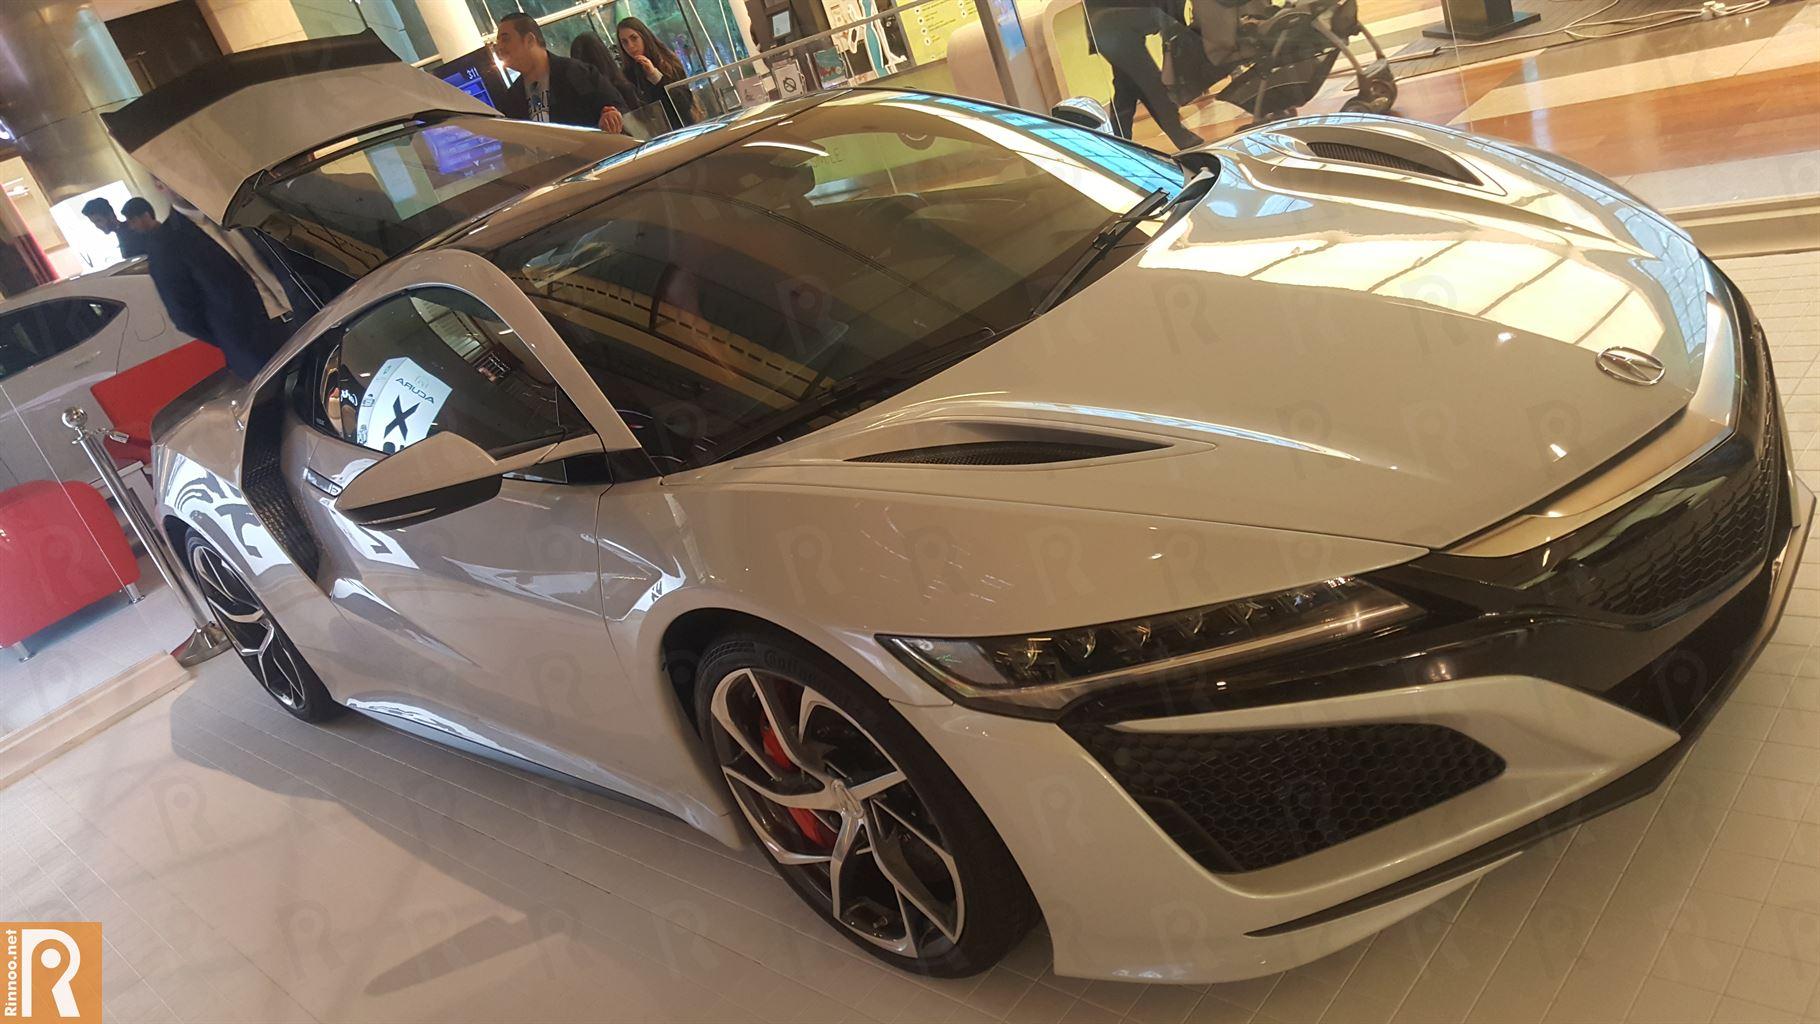 صورة سيارات الكويت , اجمل واشيك سيارات